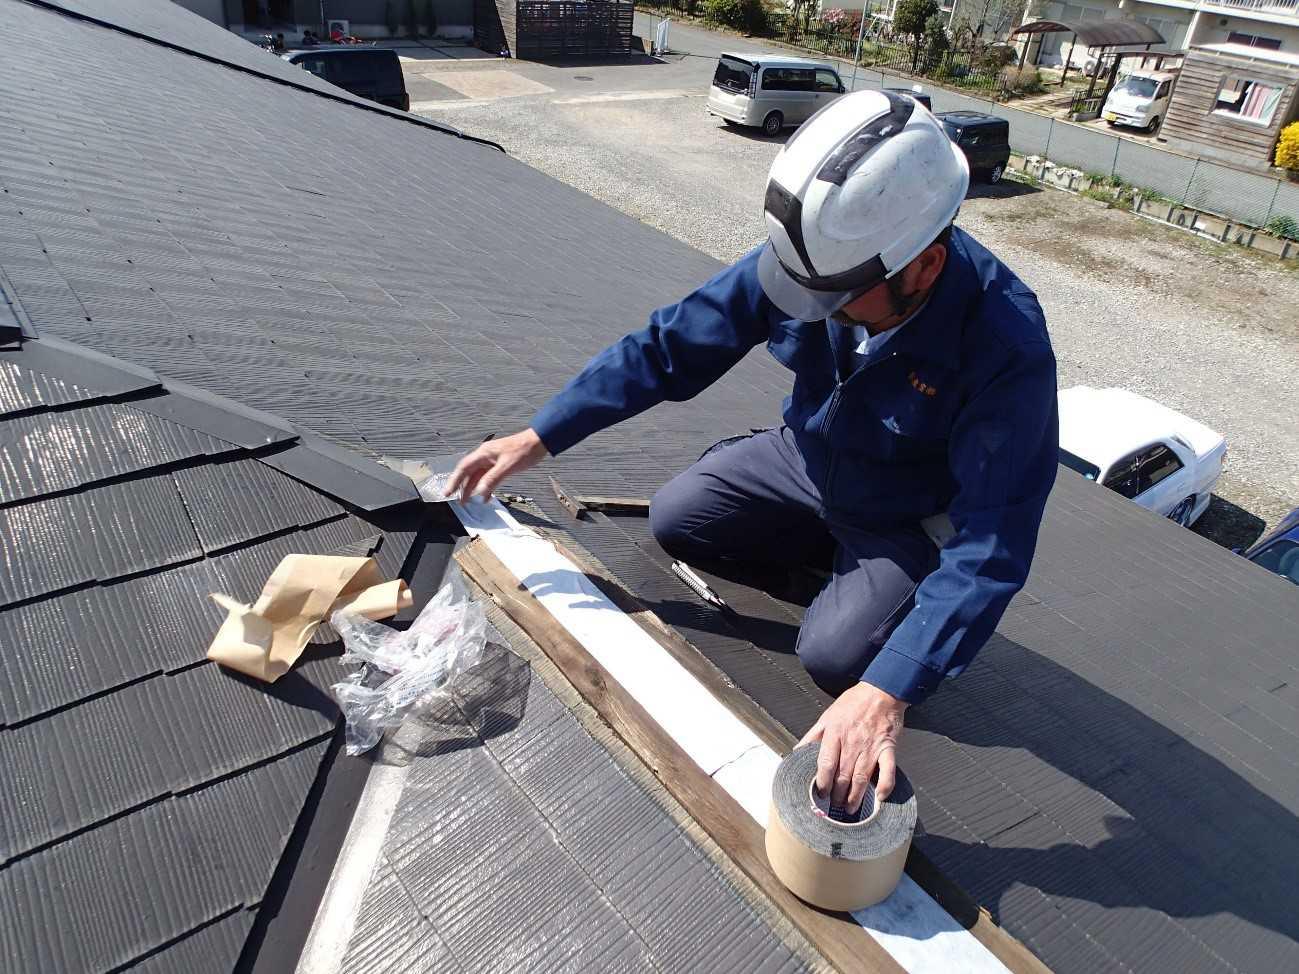 雨漏りの原因と対処法攻略|雨漏り修理は簡単でもなく実は危険作業!?